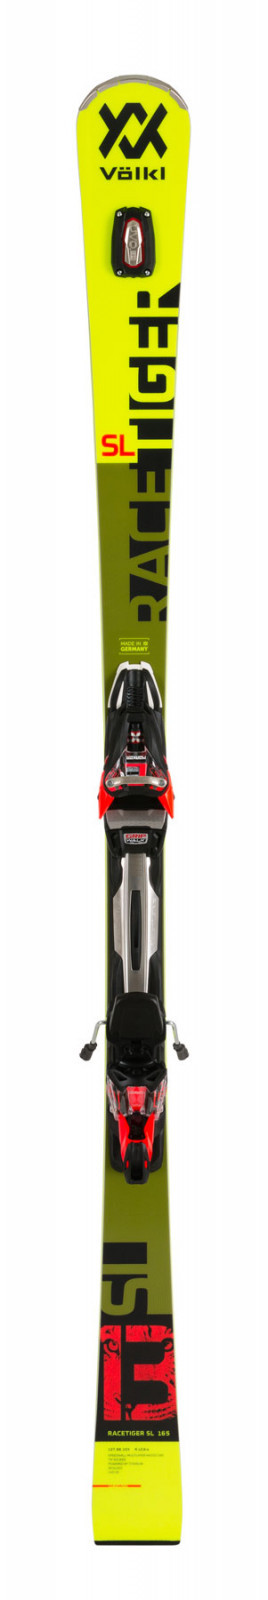 Völkl Racetiger SL + rMotion2 12 GW